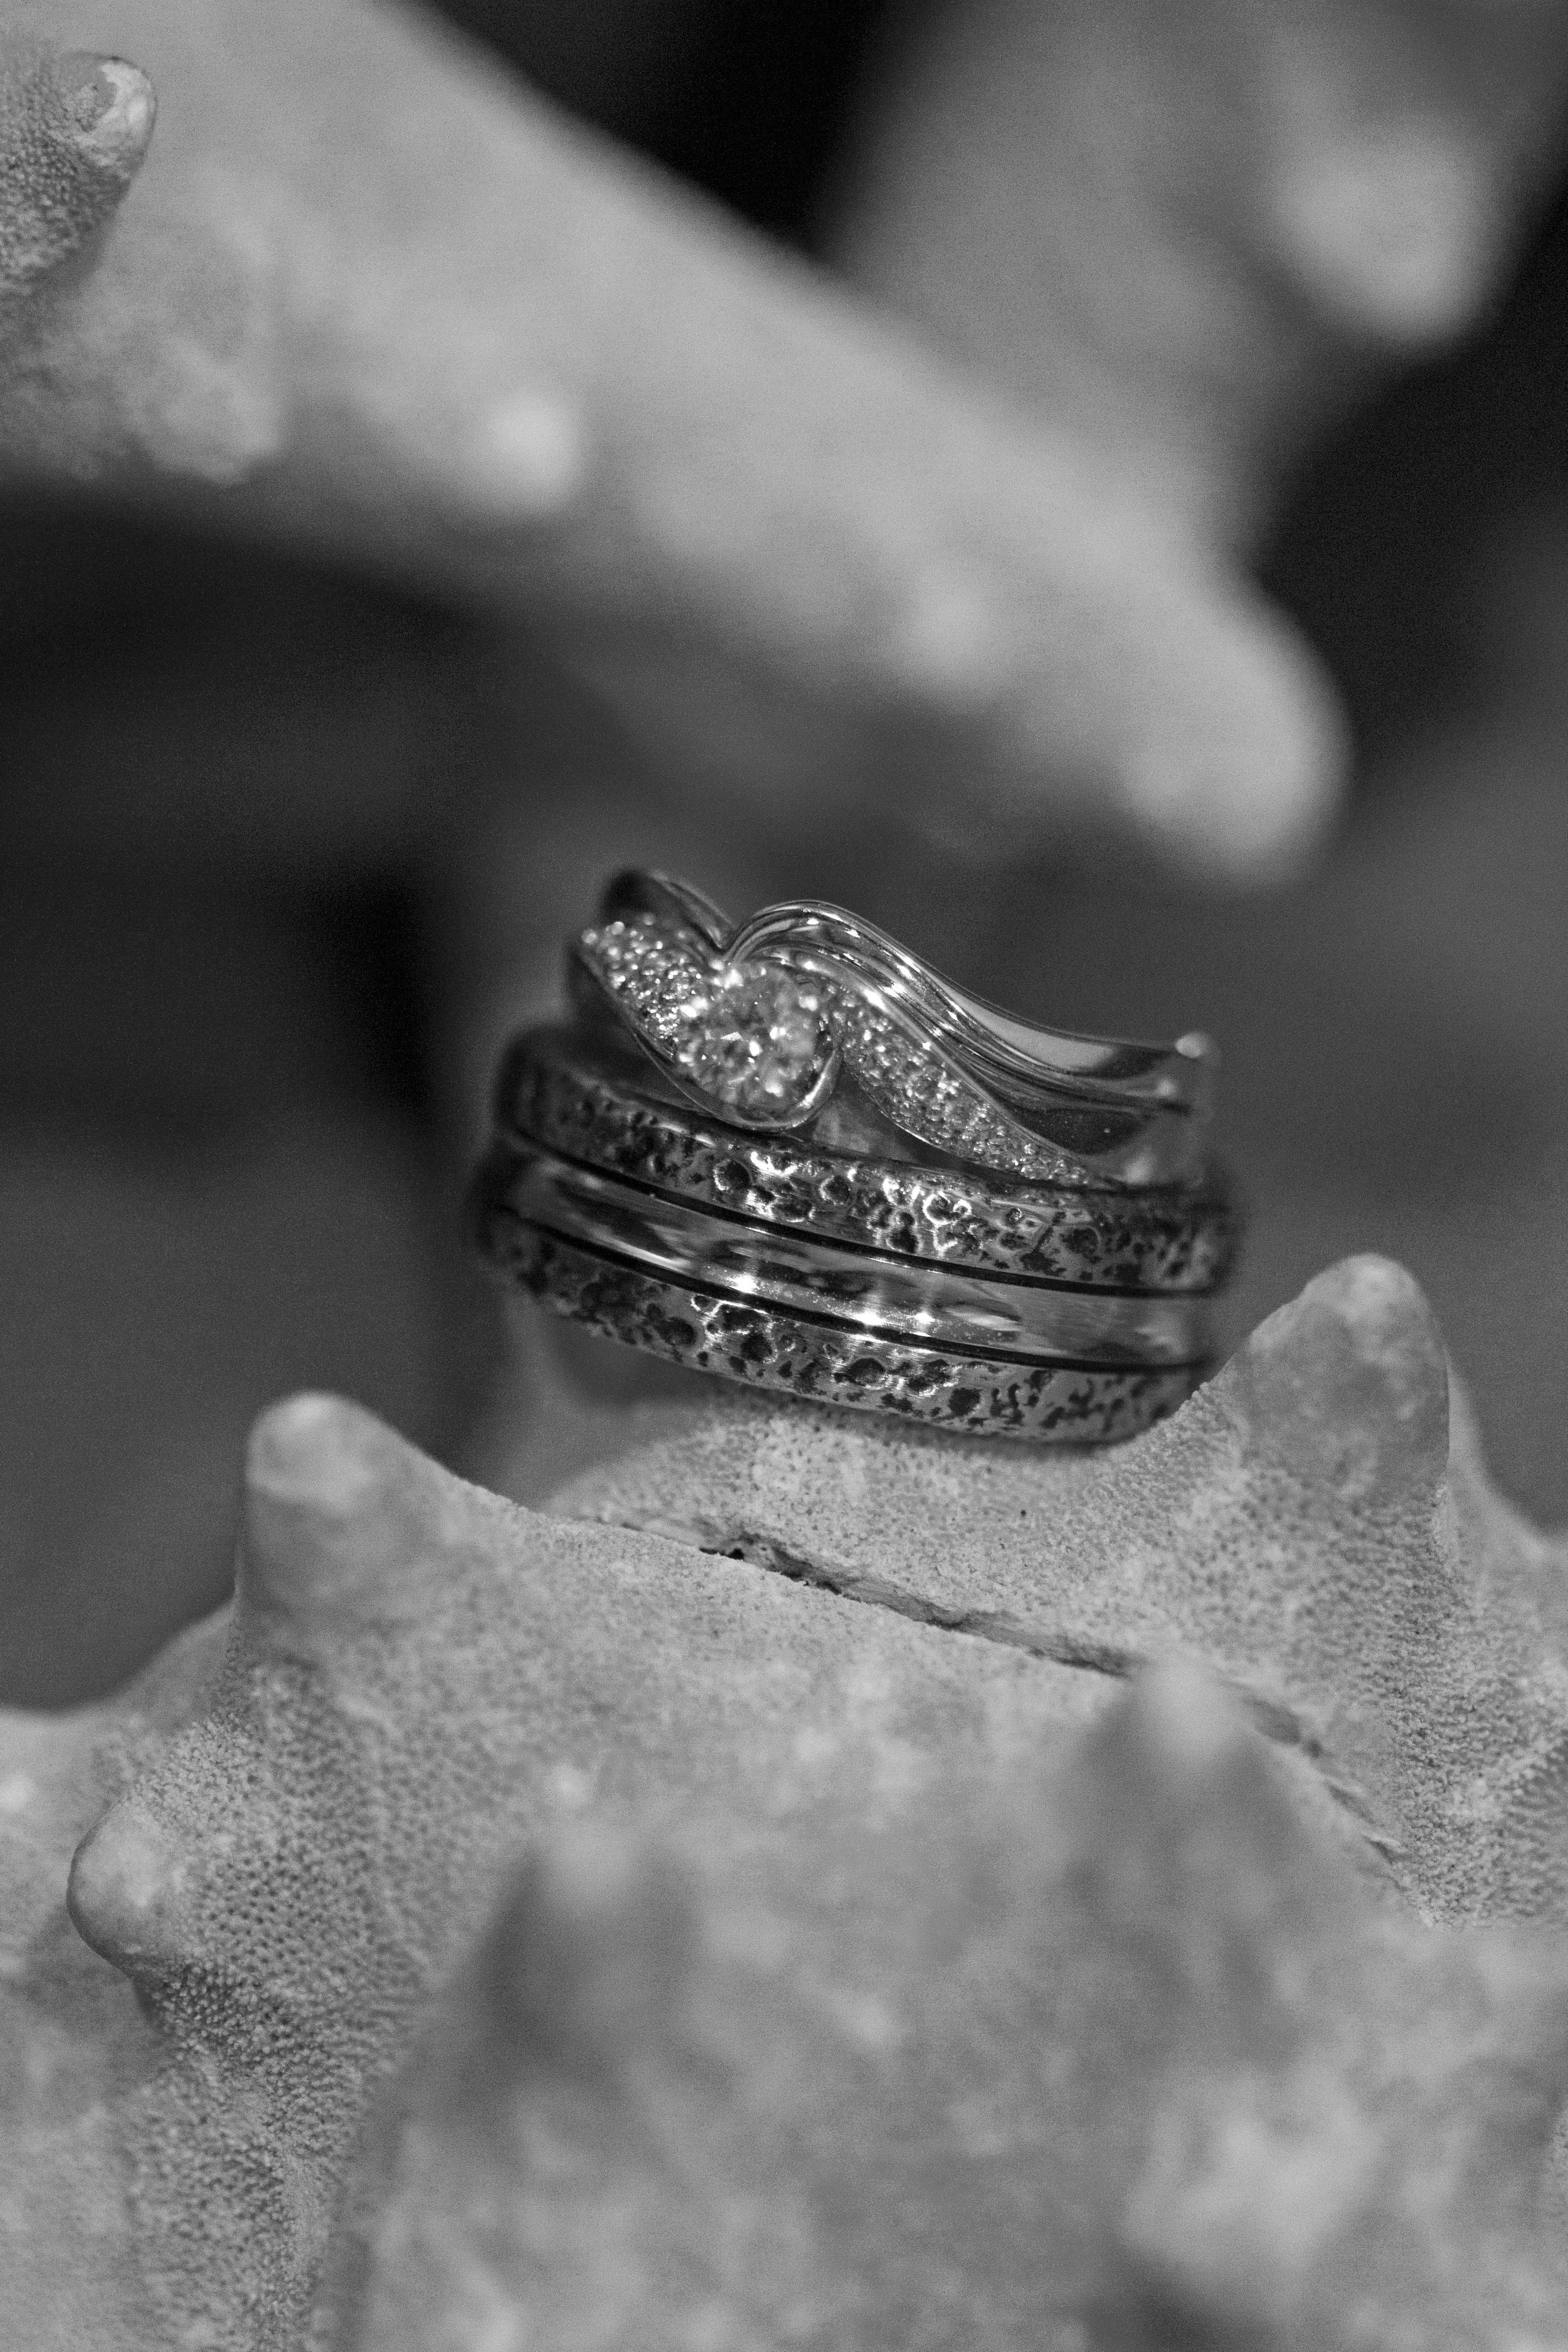 Rings on SF CU BW.jpg